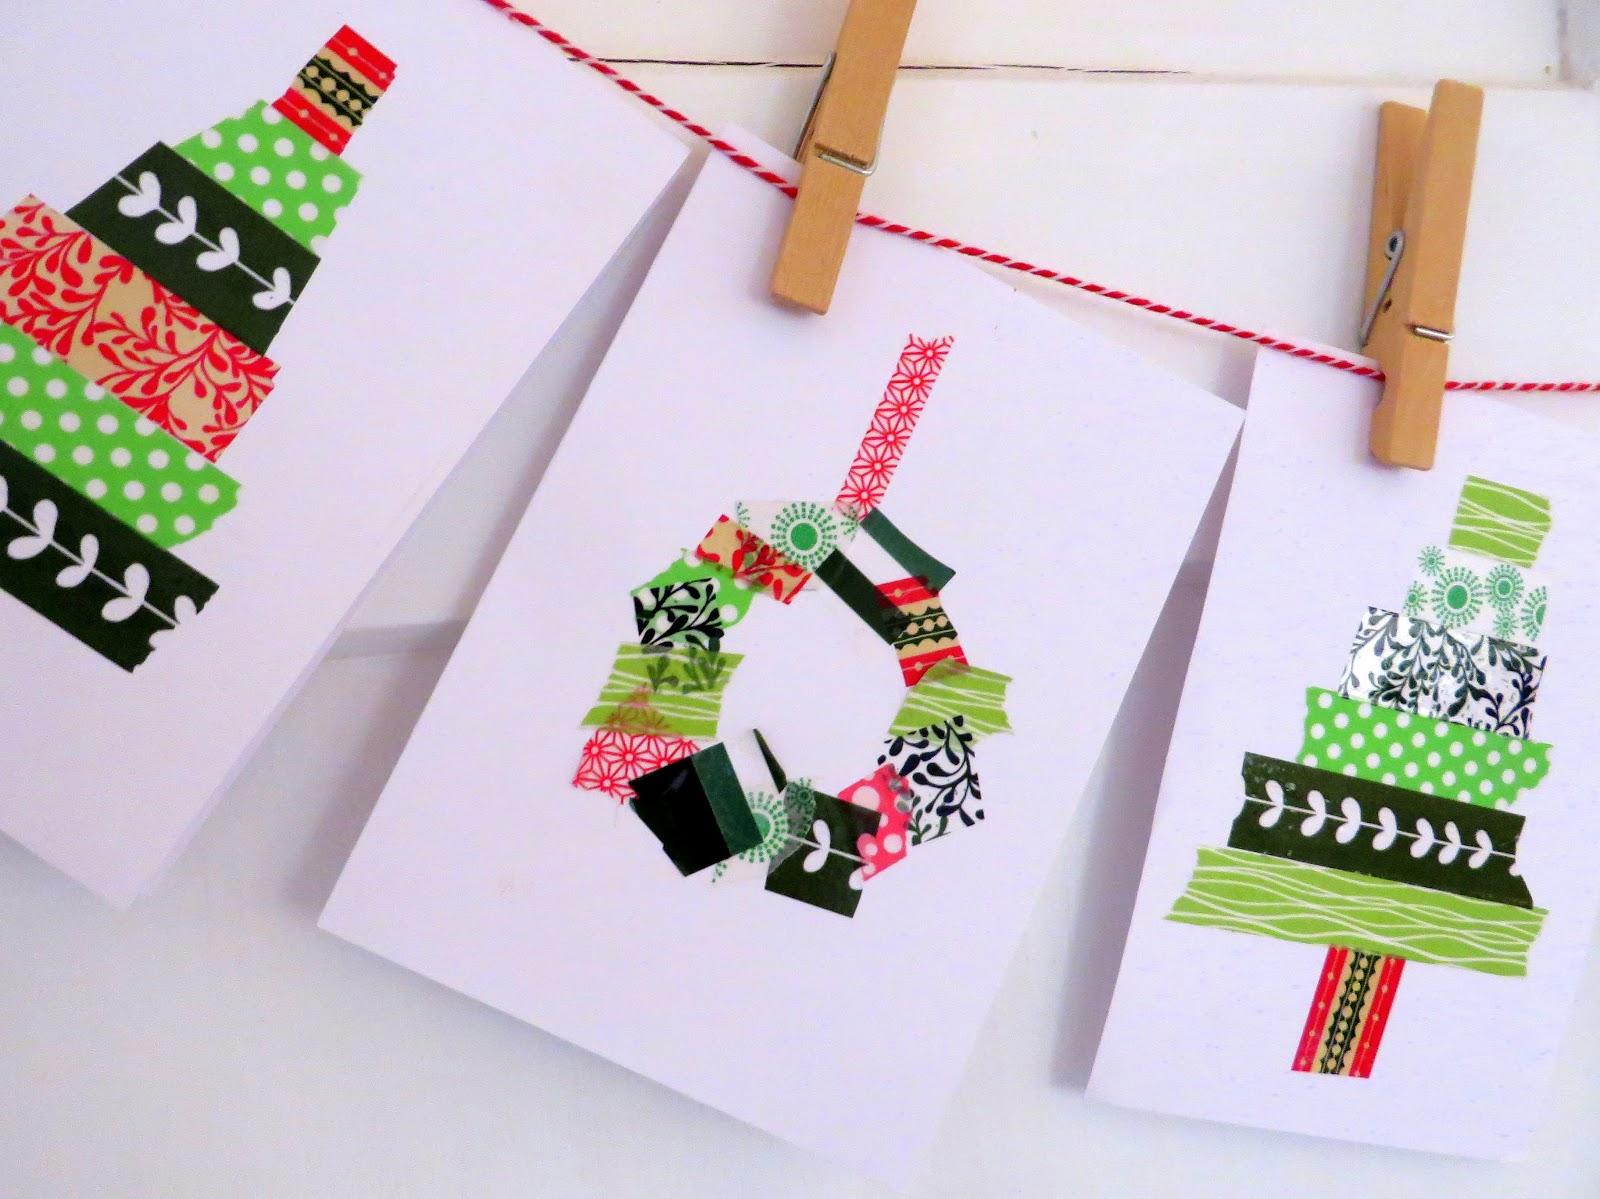 Weihnachtskarten Basteln Mit Kleinkindern.Weihnachtskarte Basteln Mit Kindern